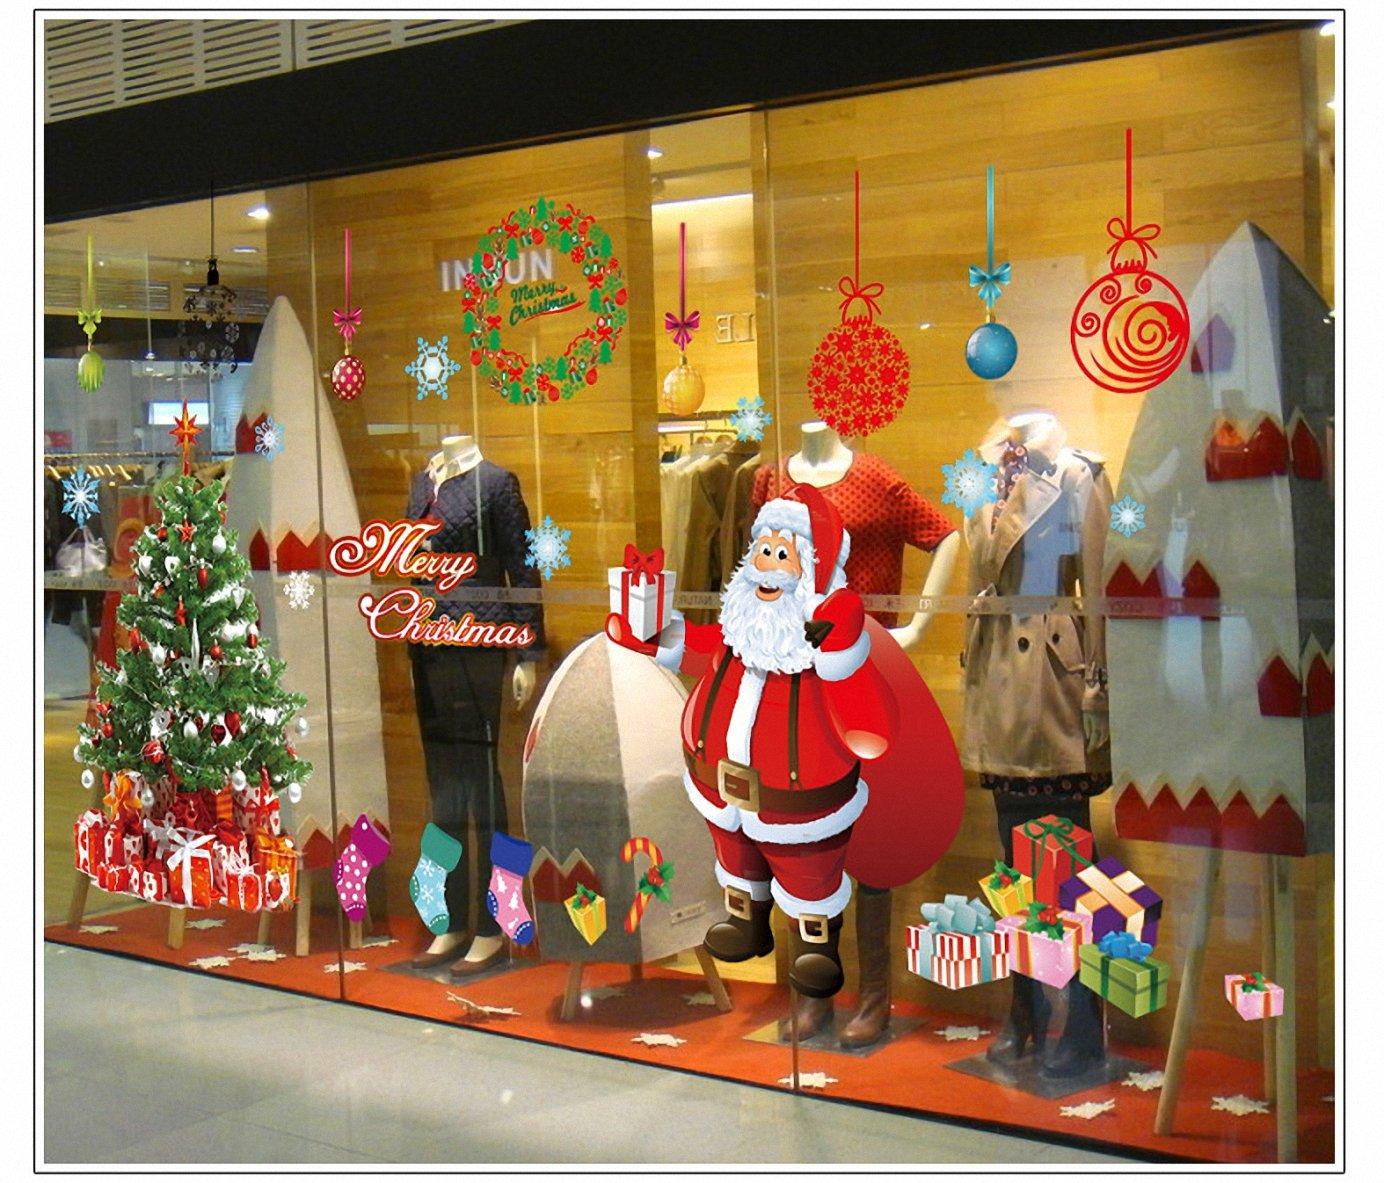 Navidad Decoracion Vinilo pegatina pared Árbol Papá Noel